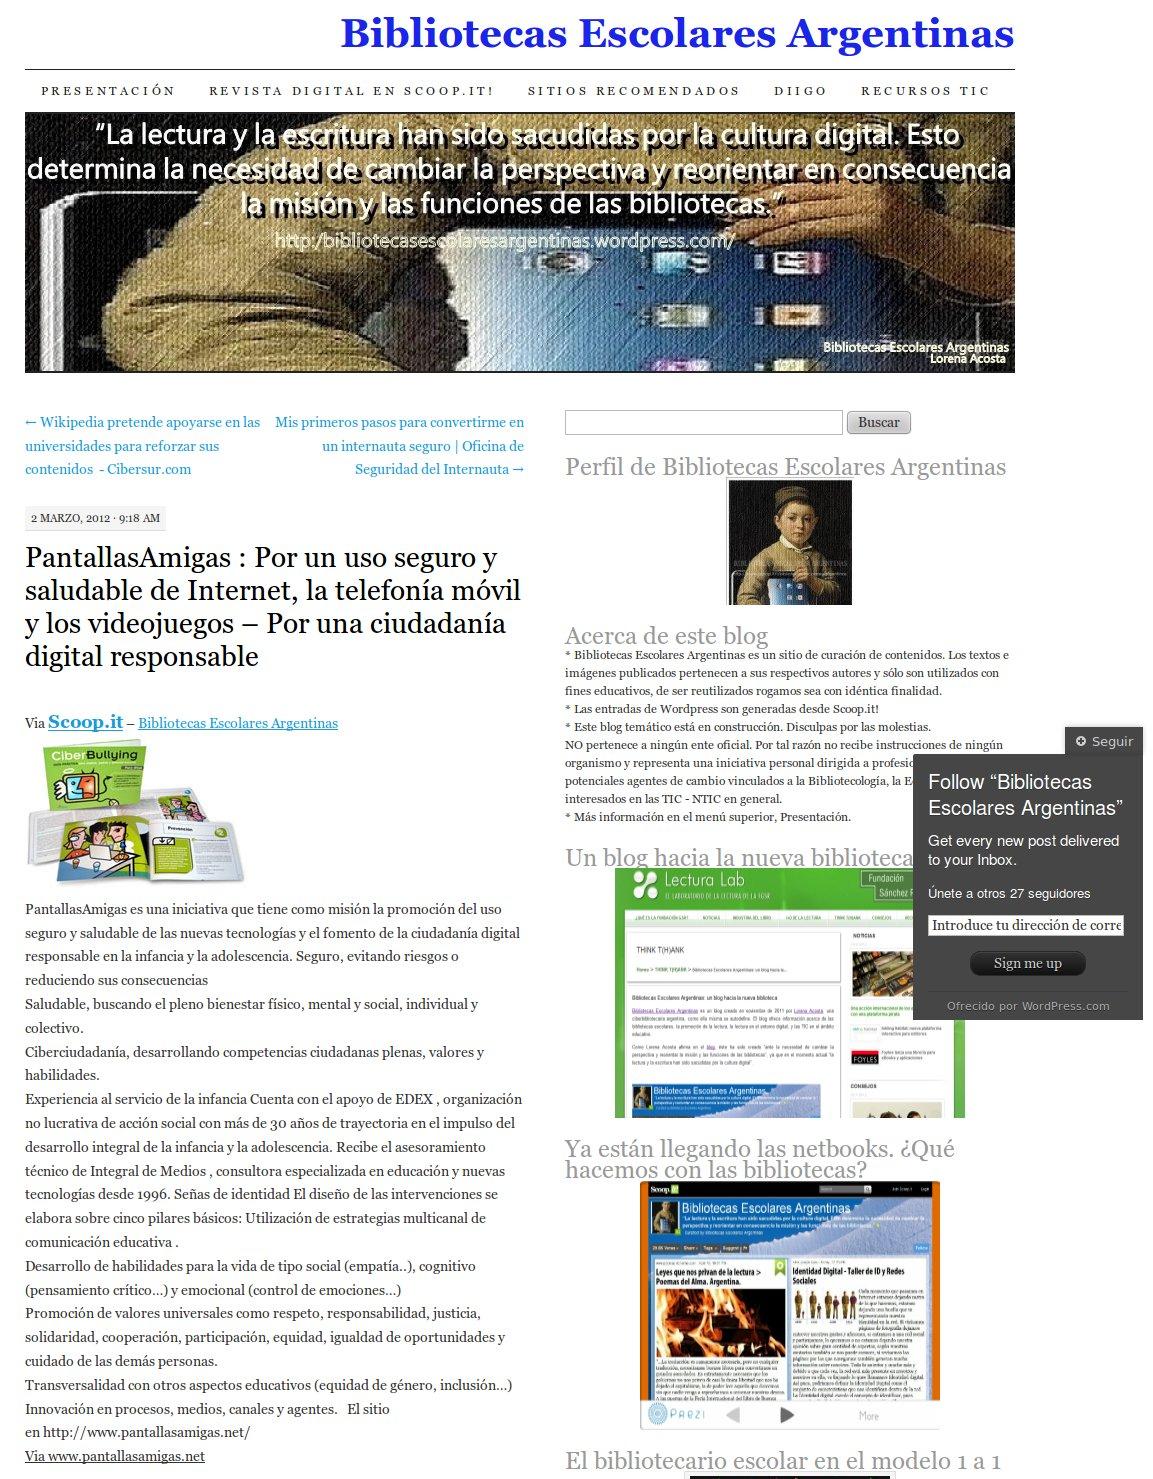 PantallasAmigas : Por un uso seguro y saludable de Internet, la telefonía móvil y los videojuegos – Por una ciudadanía digital responsable